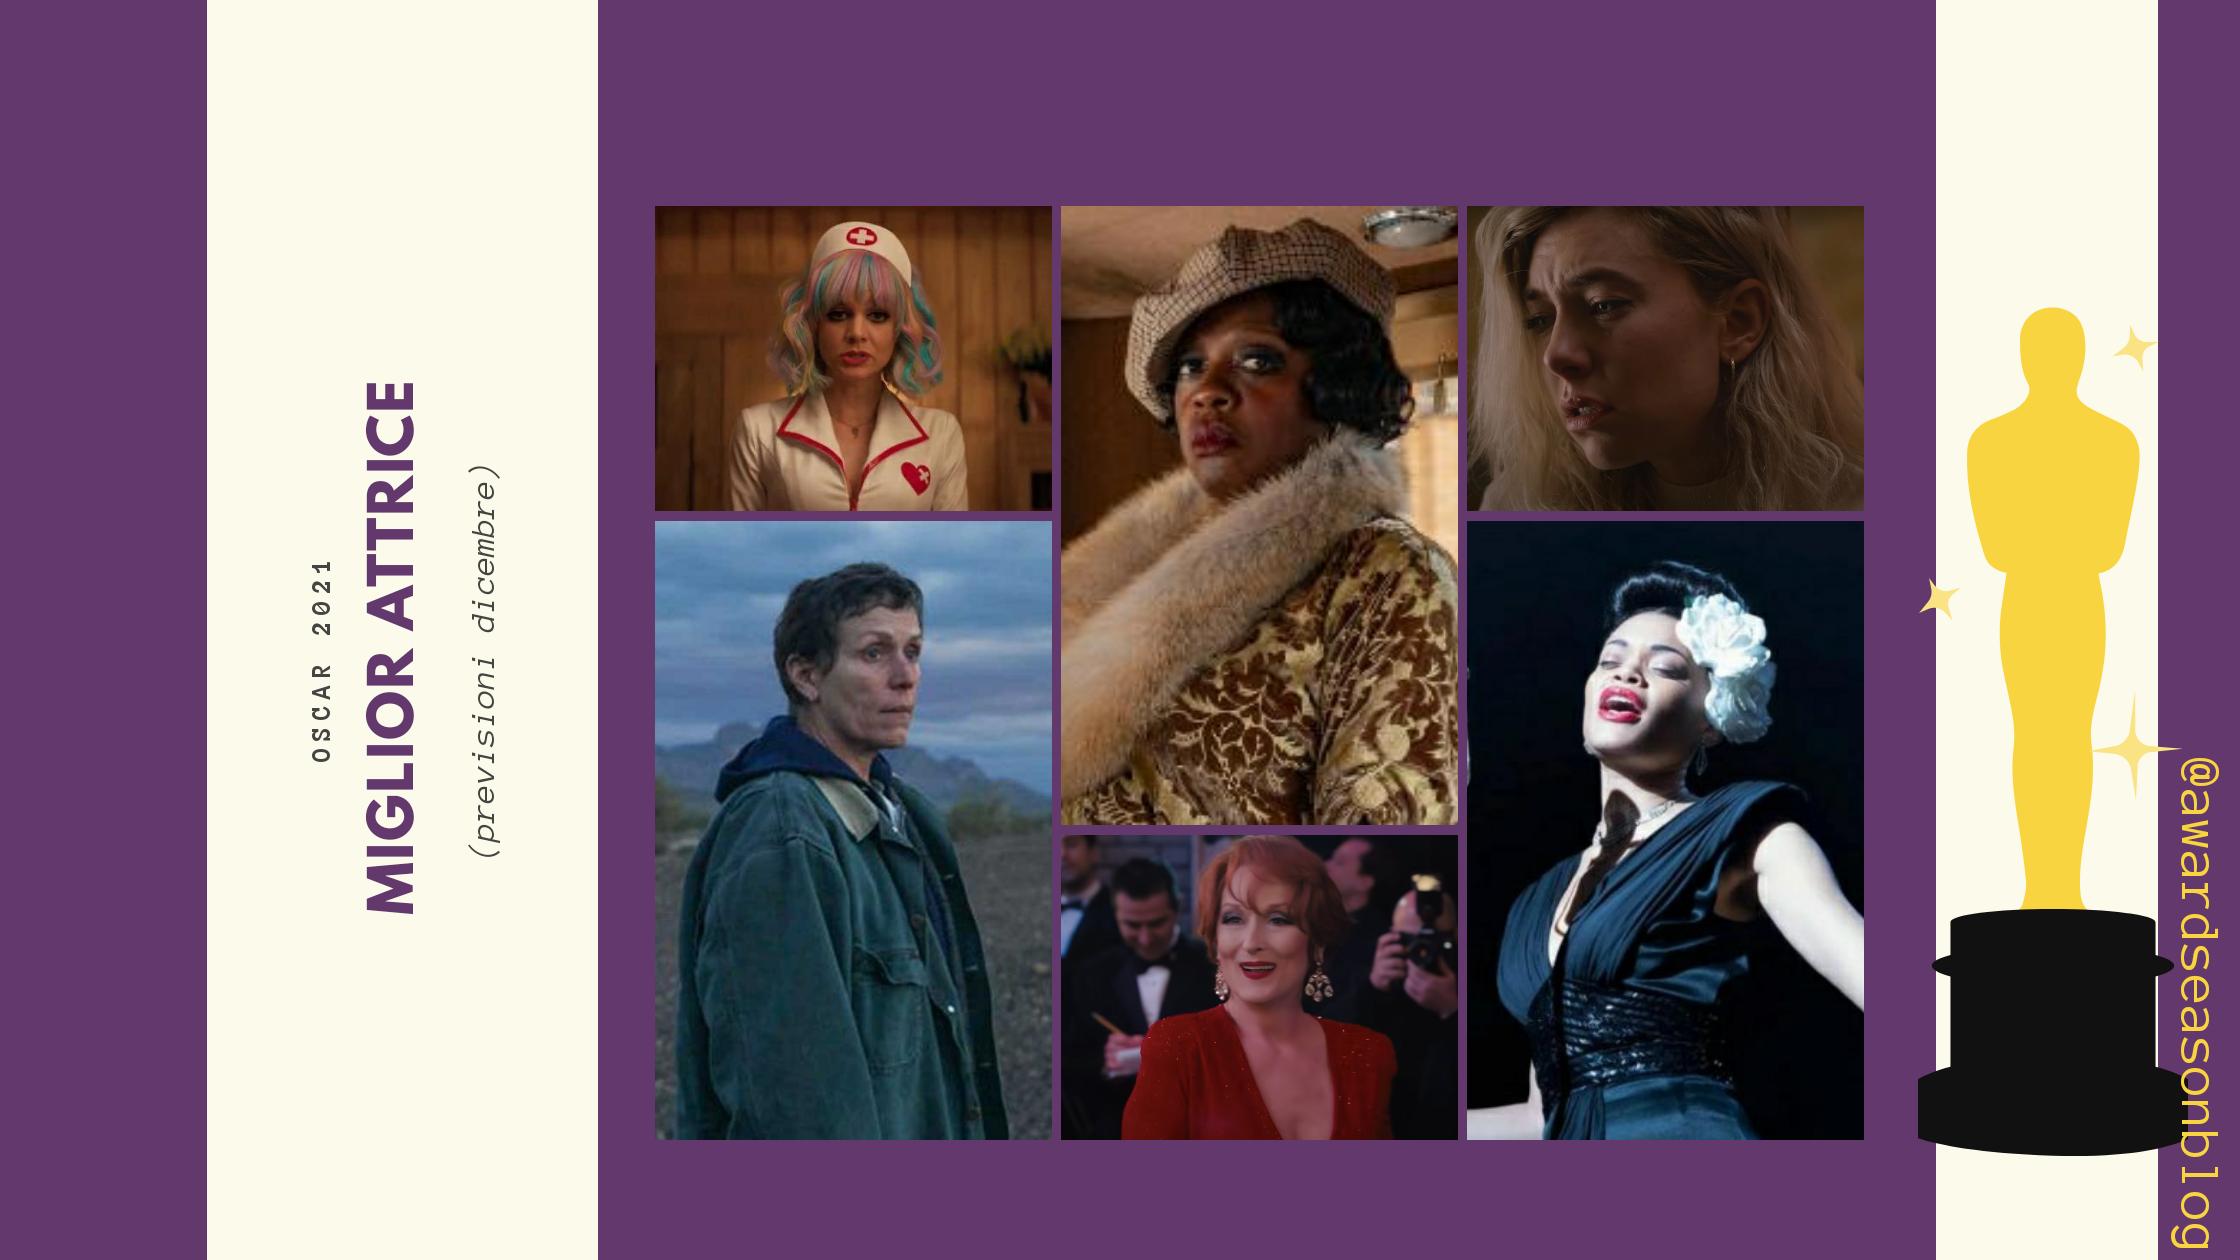 Previsioni Miglior attrice Oscar 2021